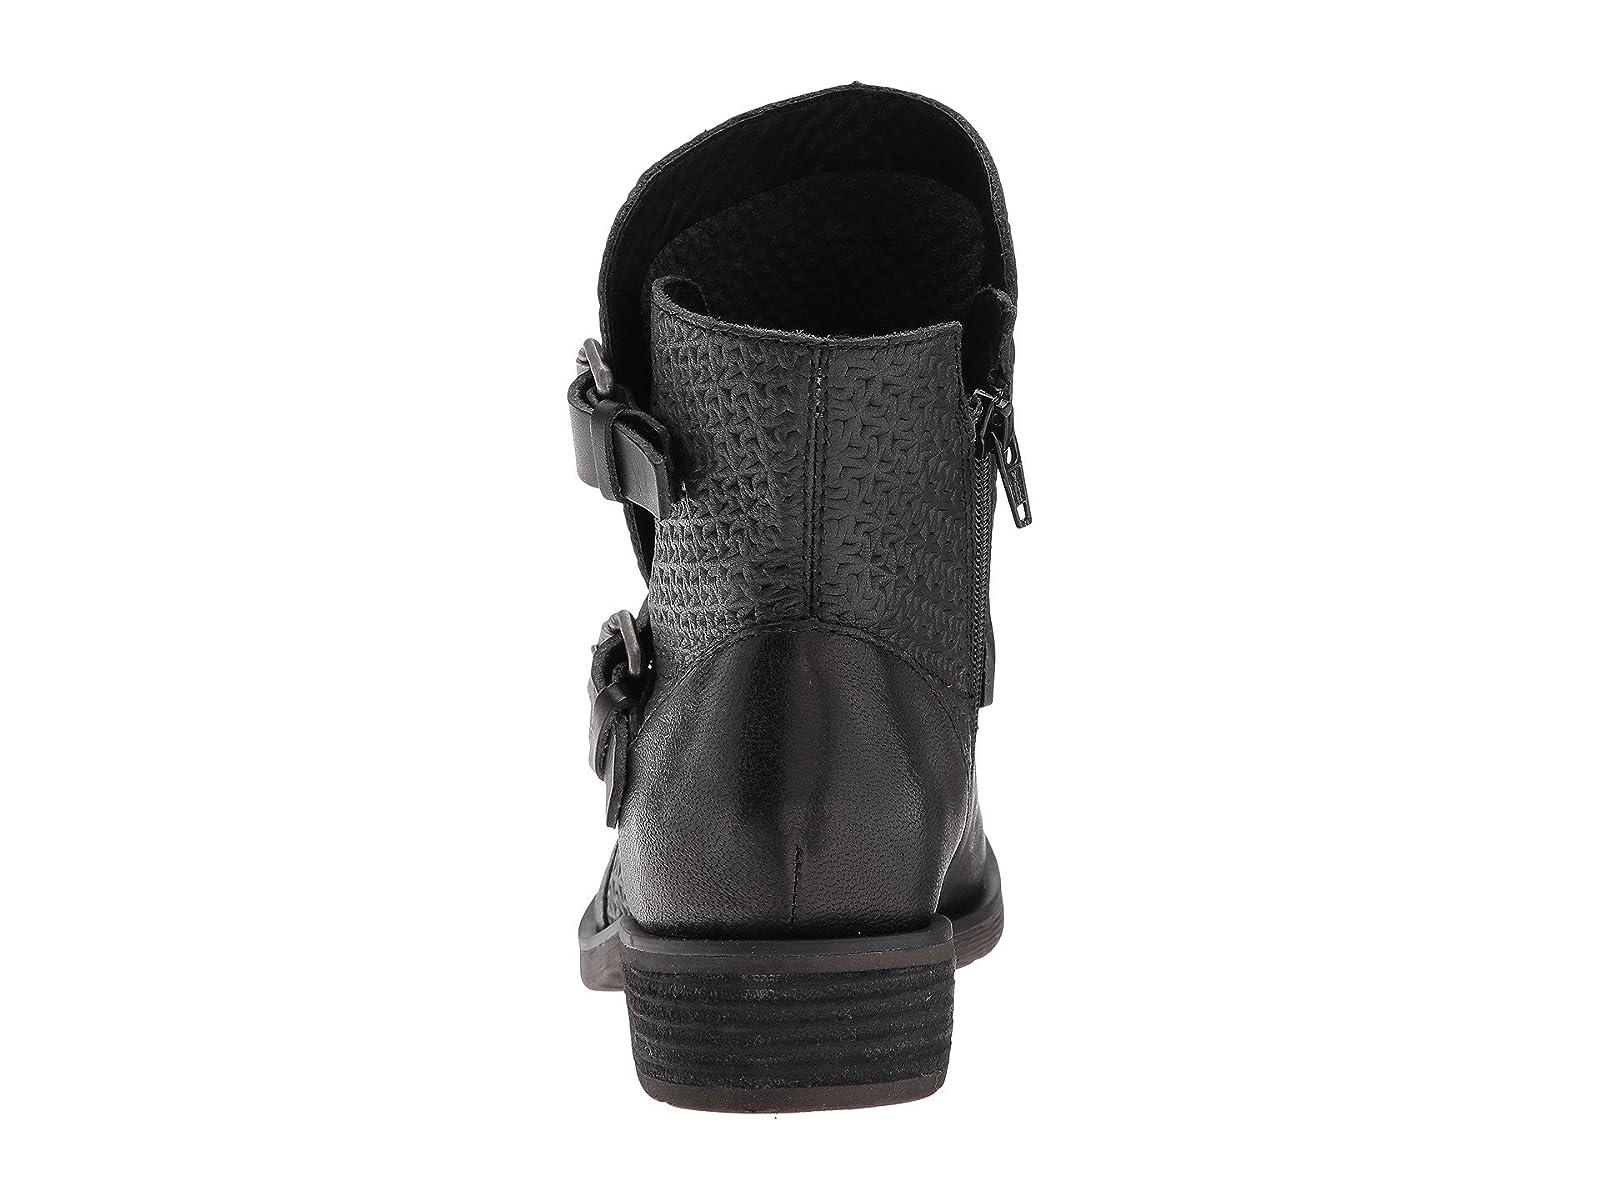 Gentleman/Lady Sofft Baywood Baywood Baywood   Fashion versatile shoes ba92e2